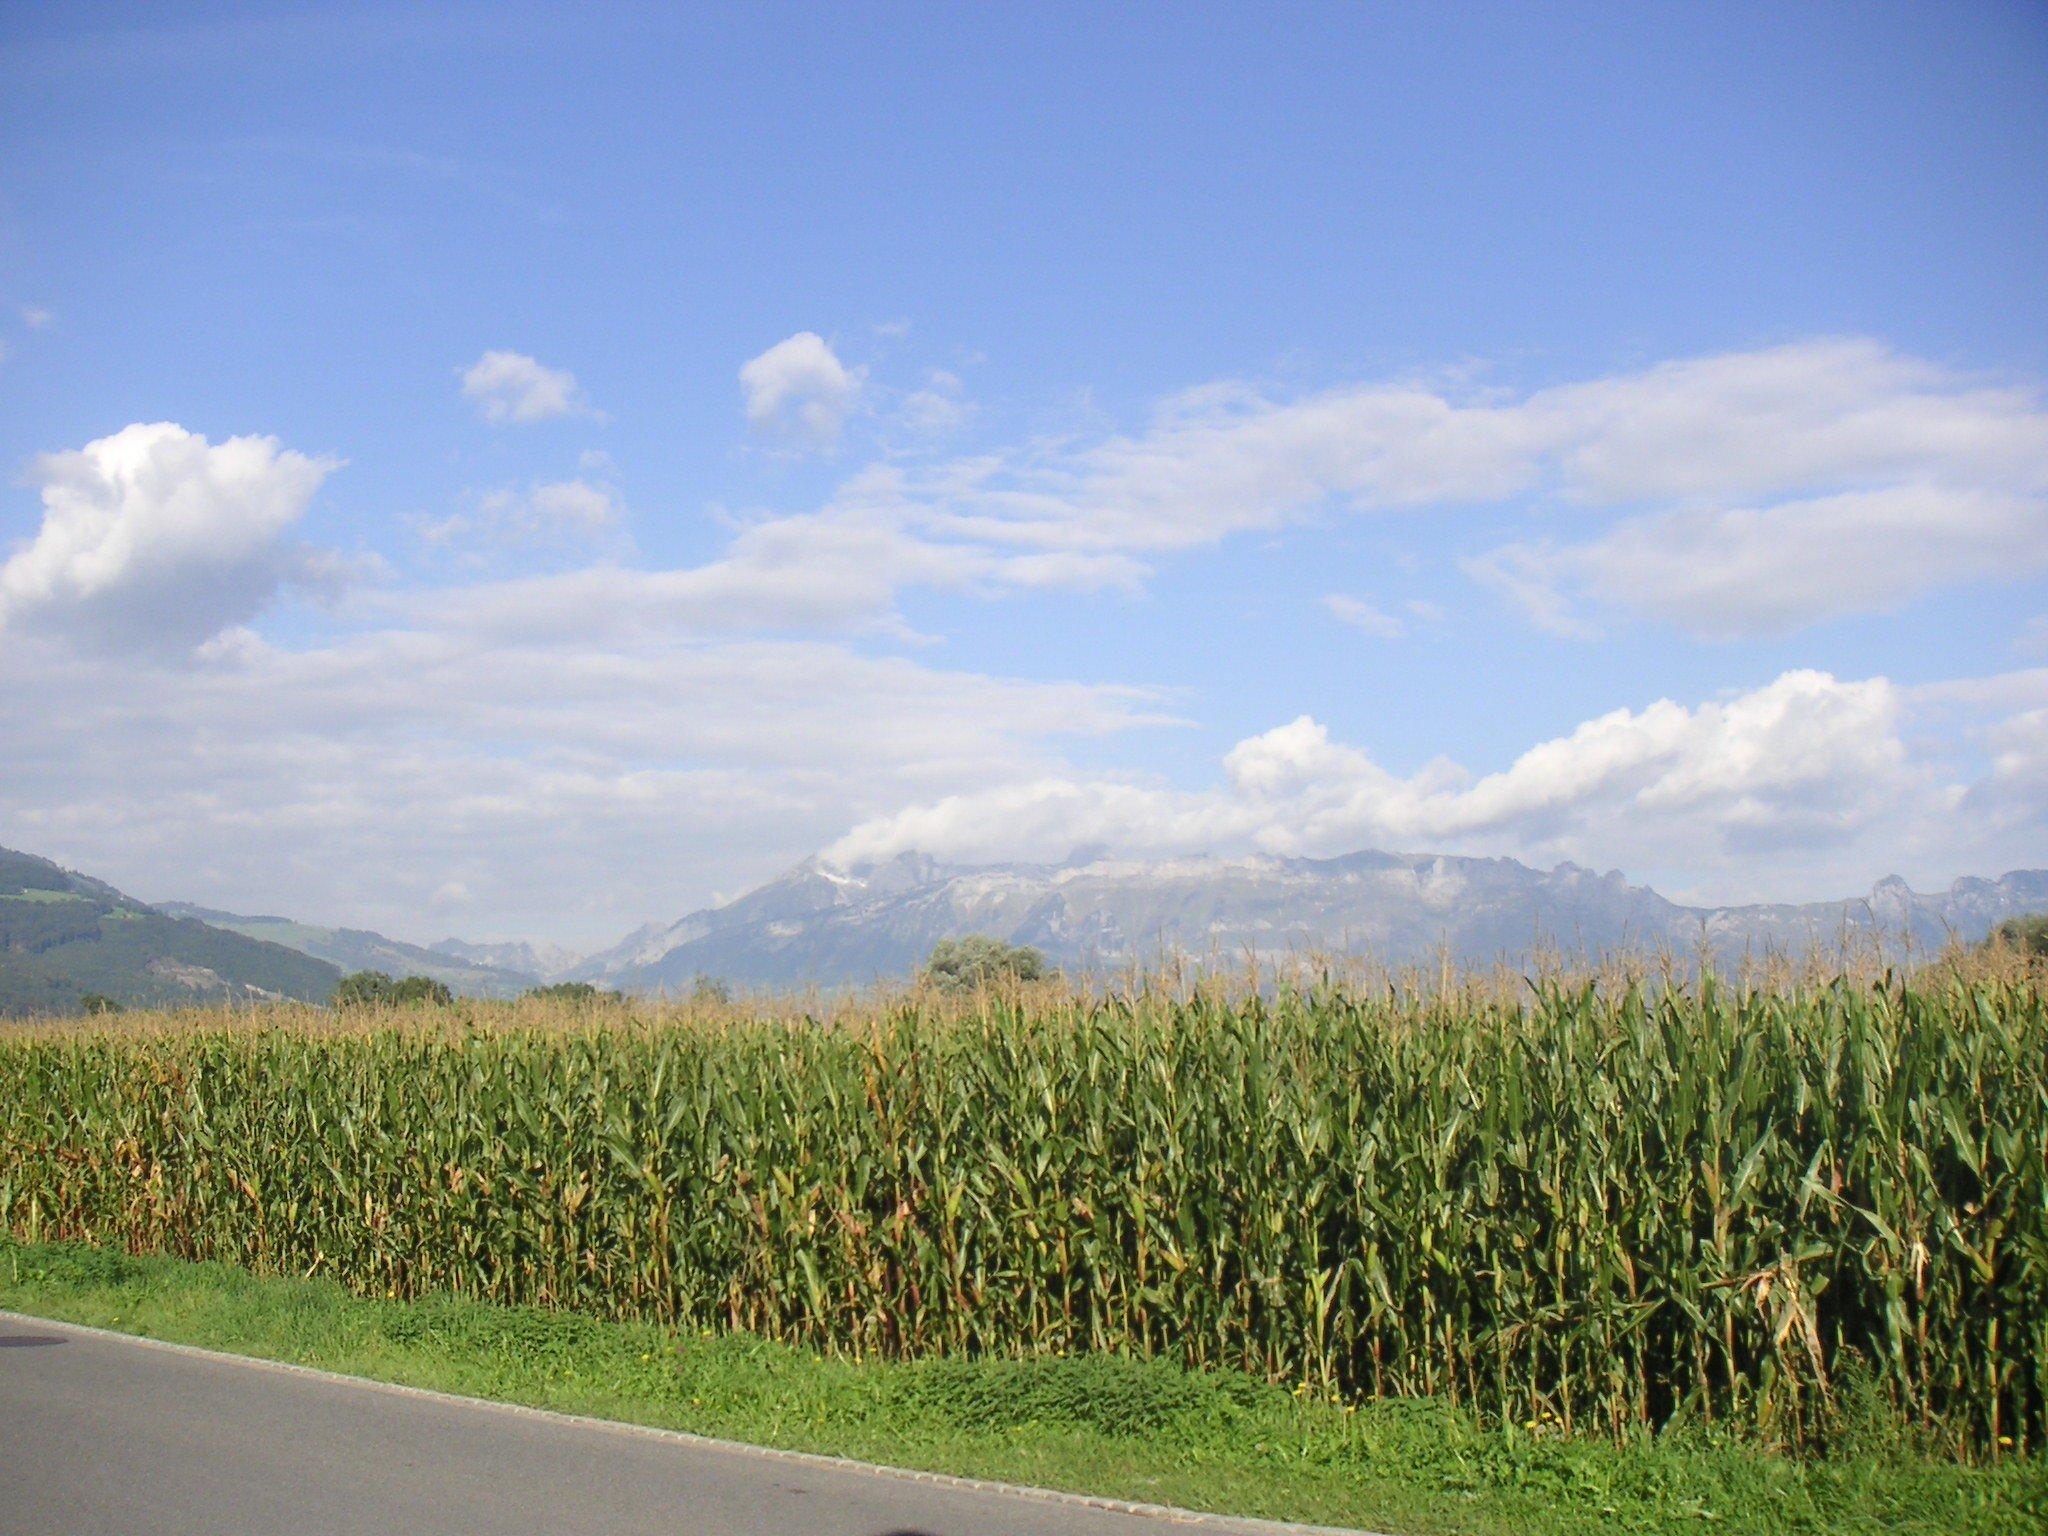 Corn Milling: Wet vs. Dry Milling